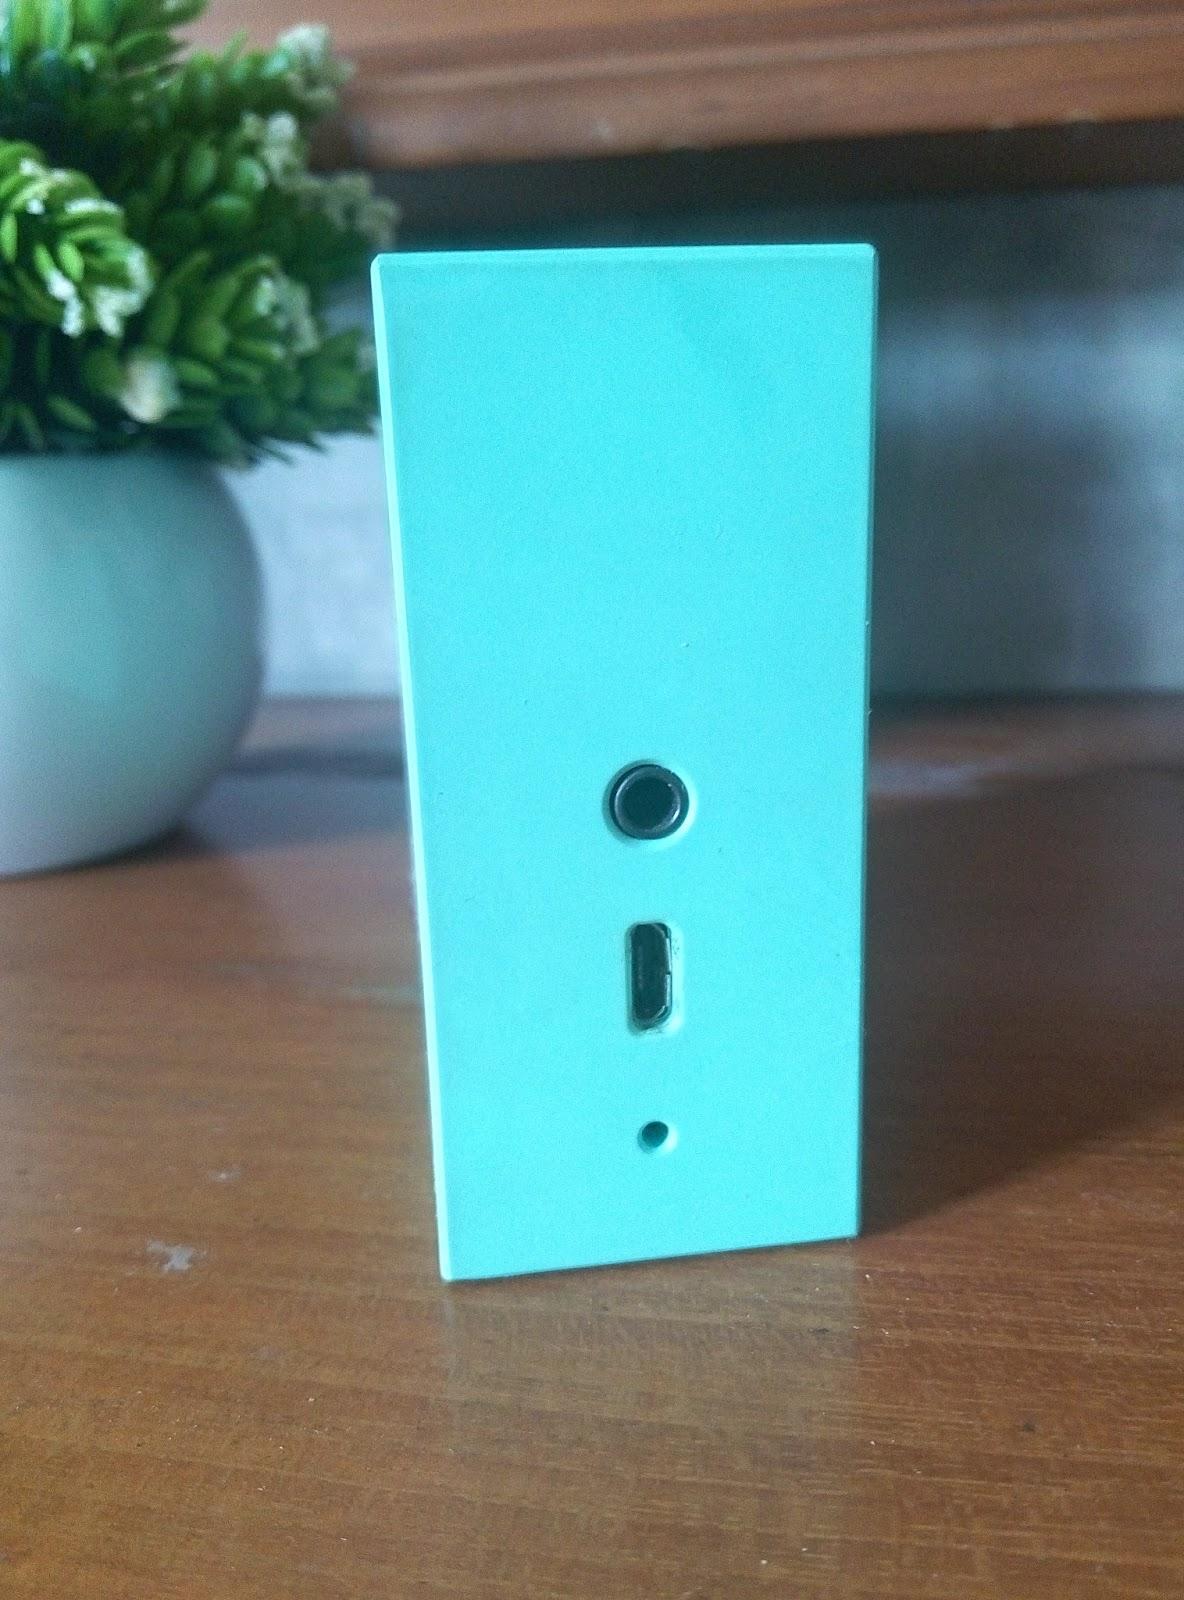 Jbl Go Speaker Kecil Menggelegar Nokia Xl Oranye Bagian Atas Terdapat Tombol Power Bluetooth Volume Dan Telepon Samping Ada Lubang Jack Micro Usb Termasuk Kabel Mic Untuk Menelpon